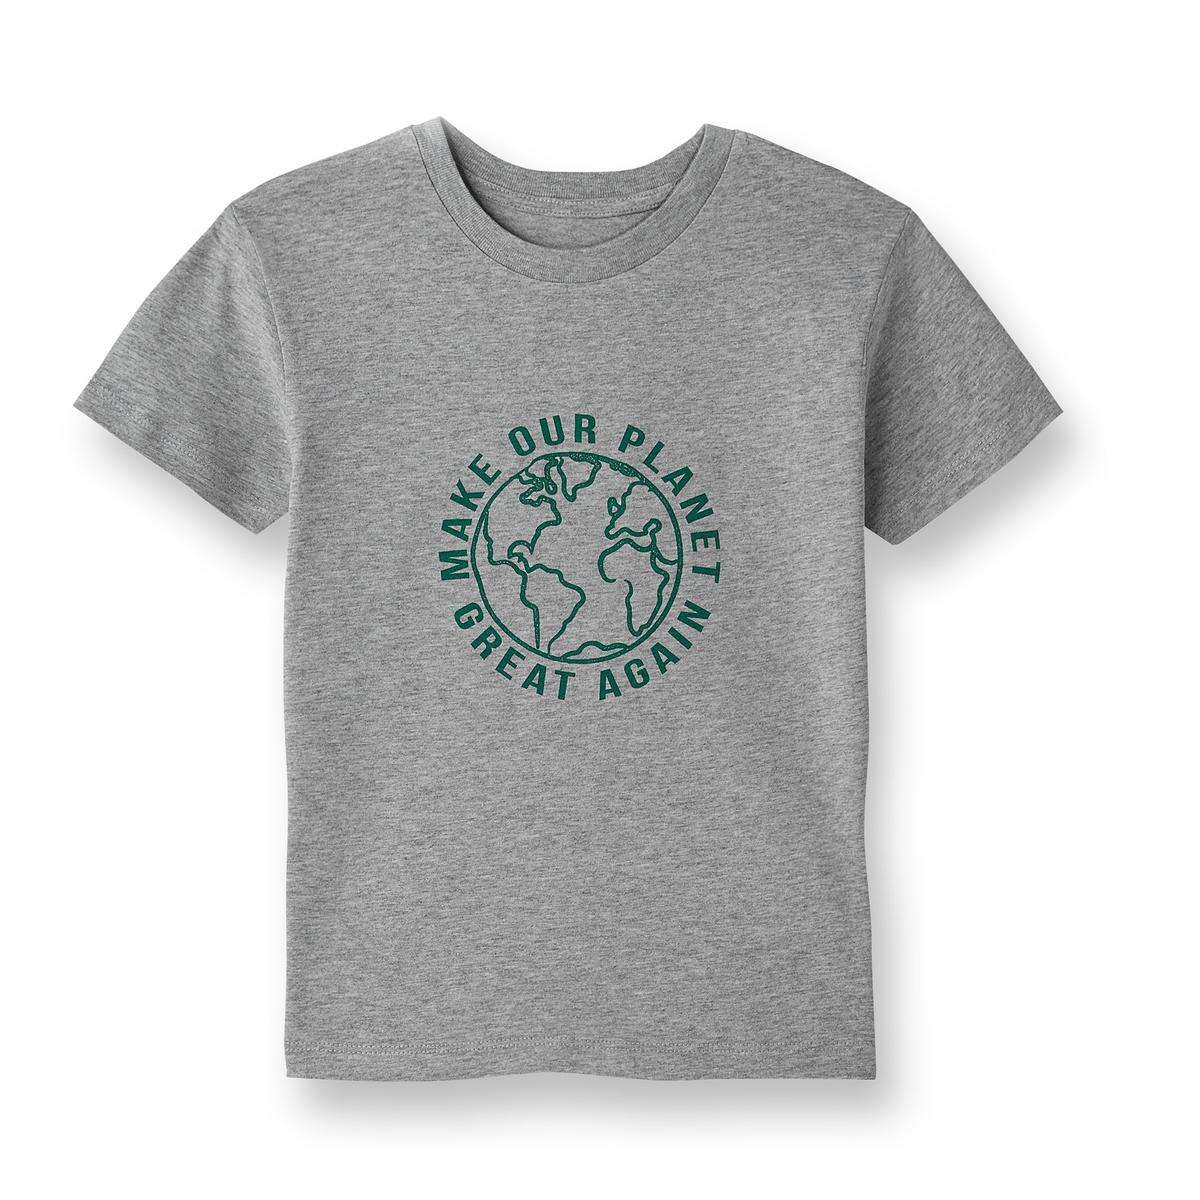 Футболка с надписью из биохлопка, 5-14 летЗа каждую проданную футболку La Redoute перечисляет 1€ Envol'Vert. Собранная сумма позволит участвовать в проекте озеленения леса в Колумбии.                                          Более подробно : http://envol-vert.org/projets/restauration-forestiere-et-noyer-maya/                         Состав и описаниеМатериал:100% био-хлопокМарка: La Redoute Collections совместно с Envol'Vert                     Уход:                     Стирать при 30° с изделиями схожих цветов                     Отбеливание запрещено                     Гладить при умеренной температуре                     Сухая (химическая) чистка запрещена                     Машинная сушка запрещена                                          Преимущества : Био-продукт.                     Выращенный без использования пестицидов и химических удобрений био-хлопок изготовлен с заботой о почве, воде и людях, возделывающих его.                     Мы заботимся о сохранении окружающей среды и здоровья людей.<br><br>Цвет: белый,серый меланж<br>Размер: 5/6 лет  - 108/114 cm.9/10 лет- 132/138 см.7/8 лет- 120/126 см.5/6 лет  - 108/114 cm.7/8 лет- 120/126 см